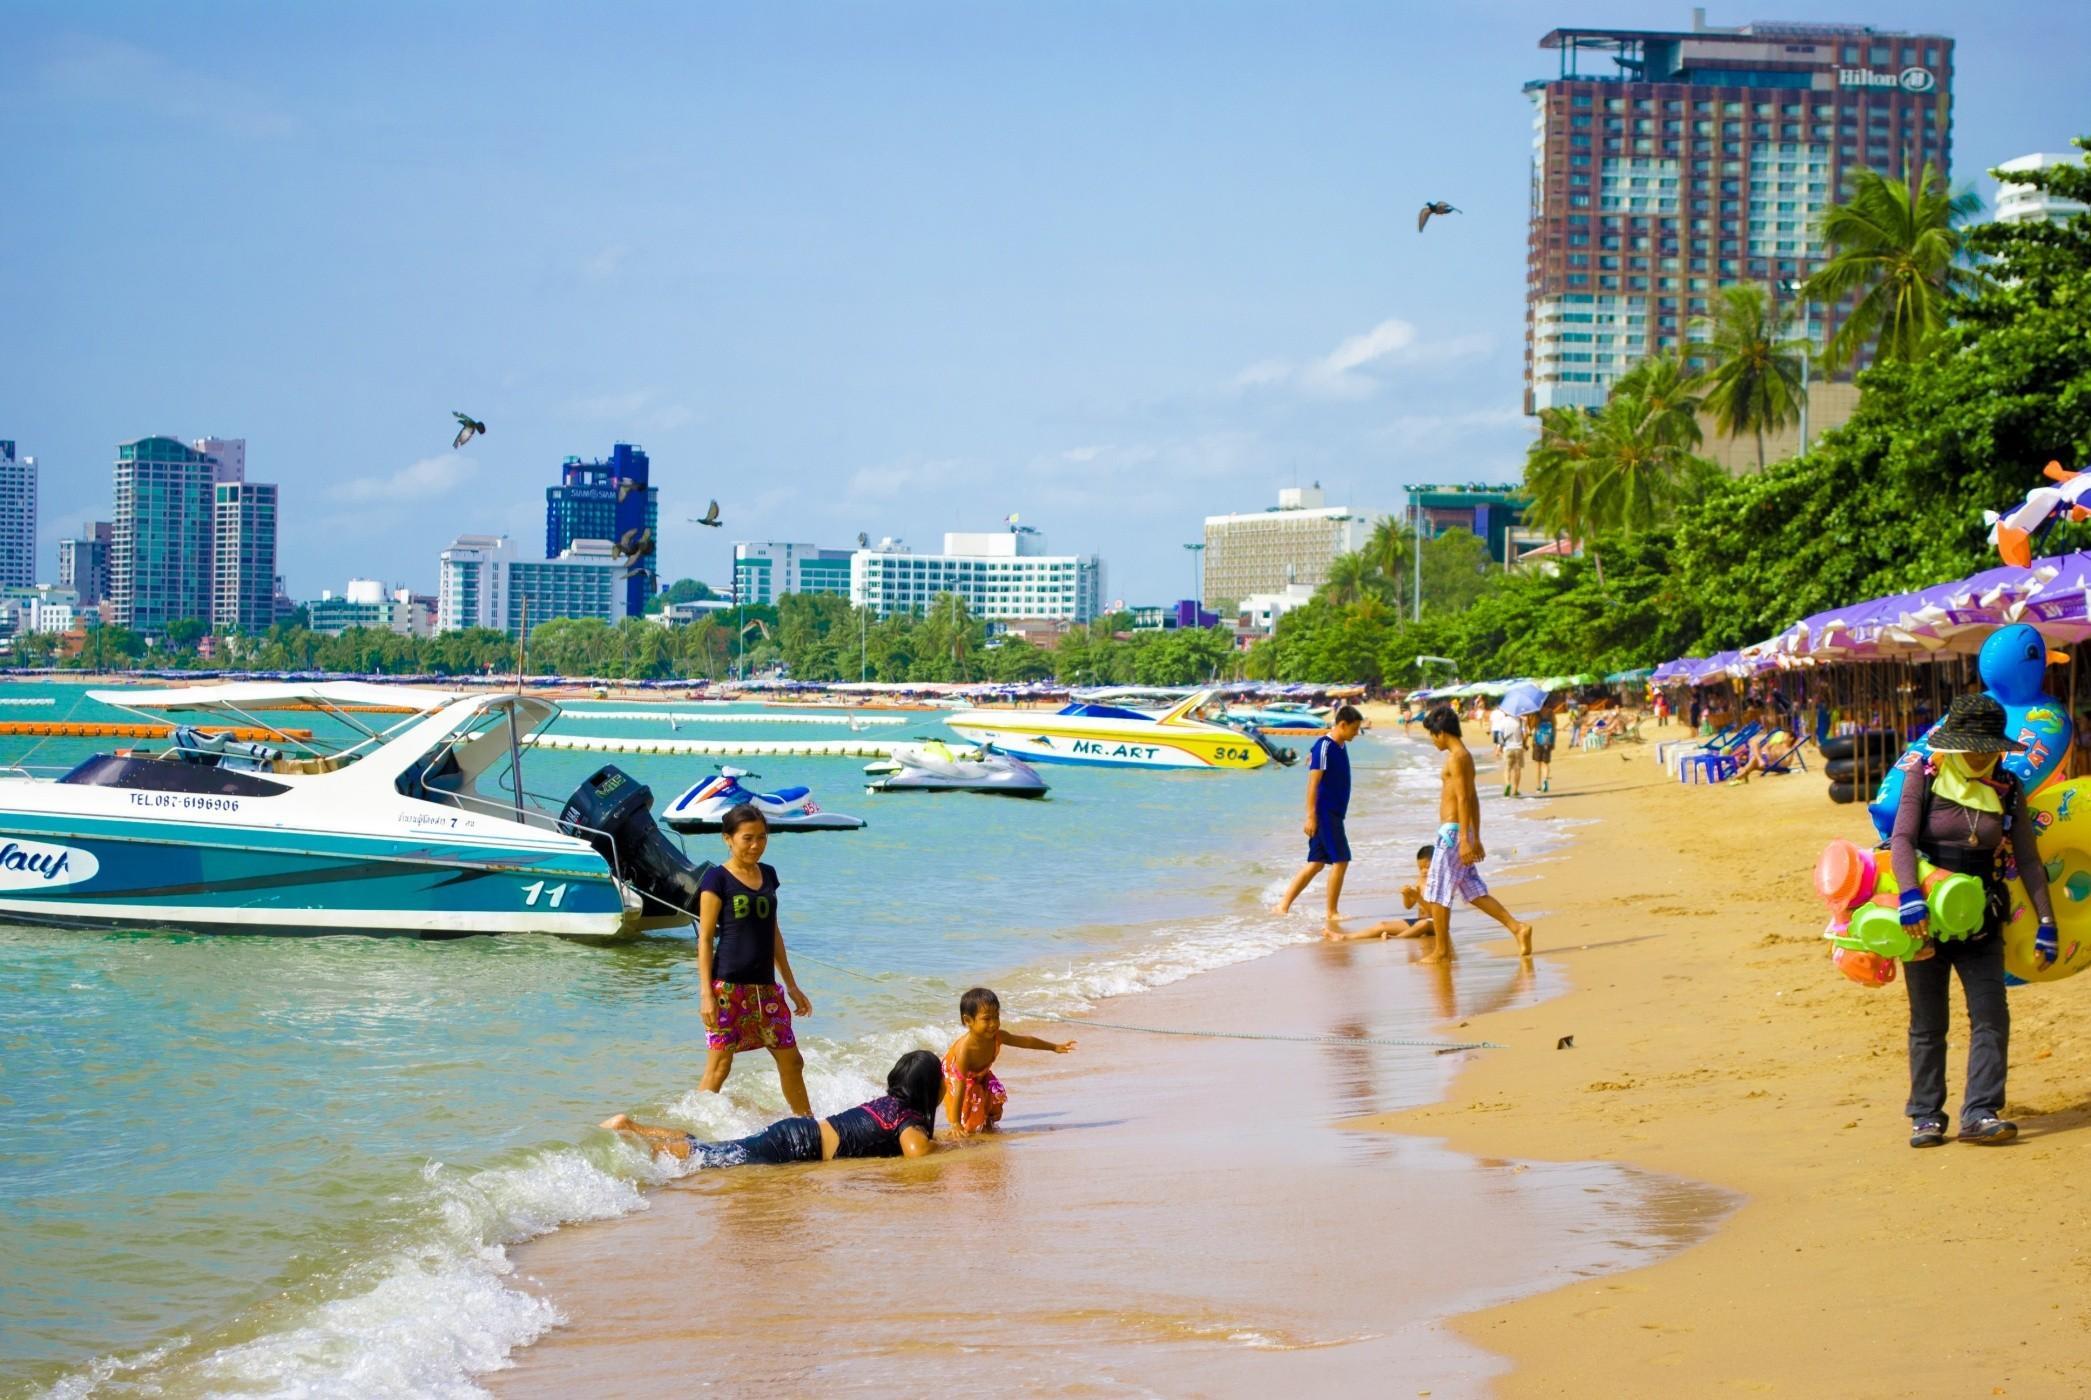 Все пляжи Паттайи: видео с описанием и картой